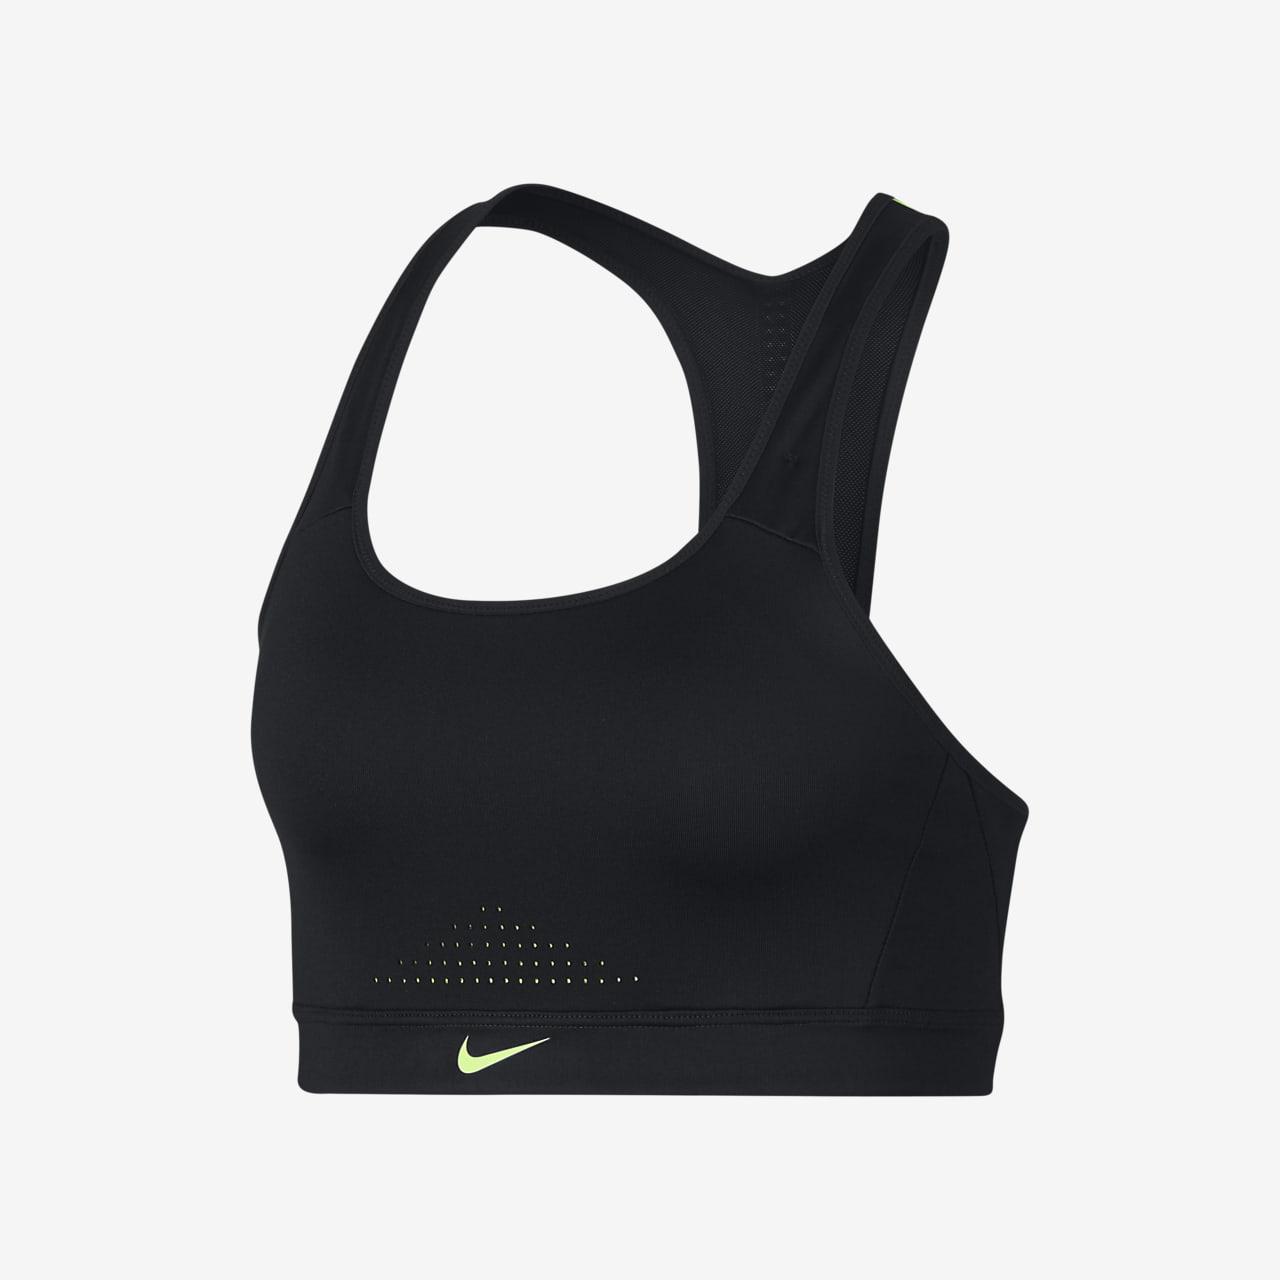 Brassière de sport à maintien supérieur Nike Impact pour Femme